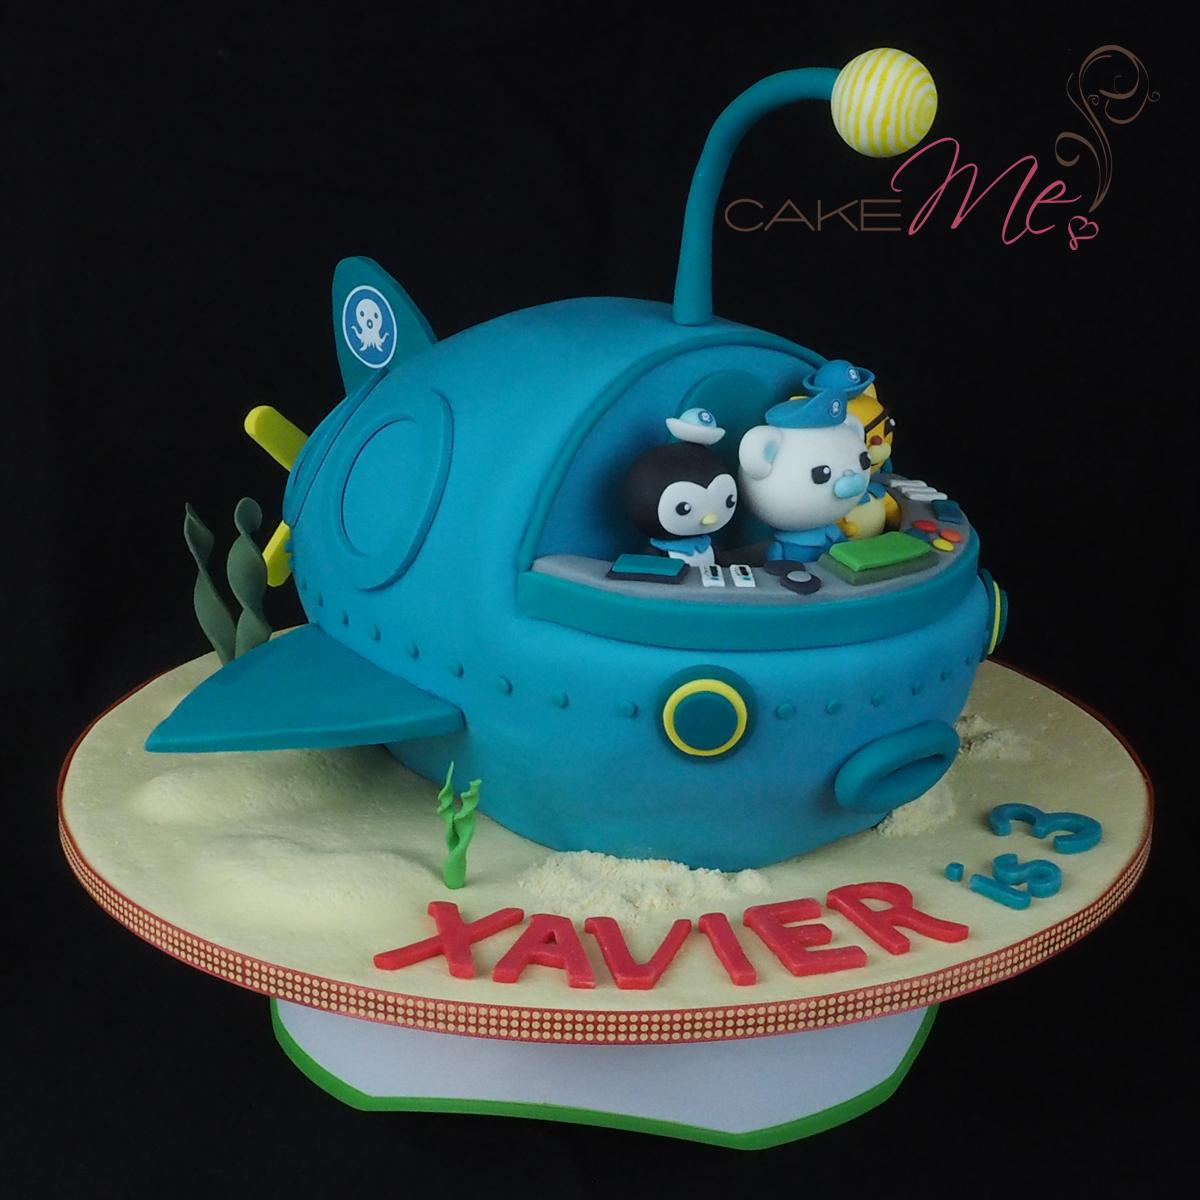 Cake Me! P4240609.jpg